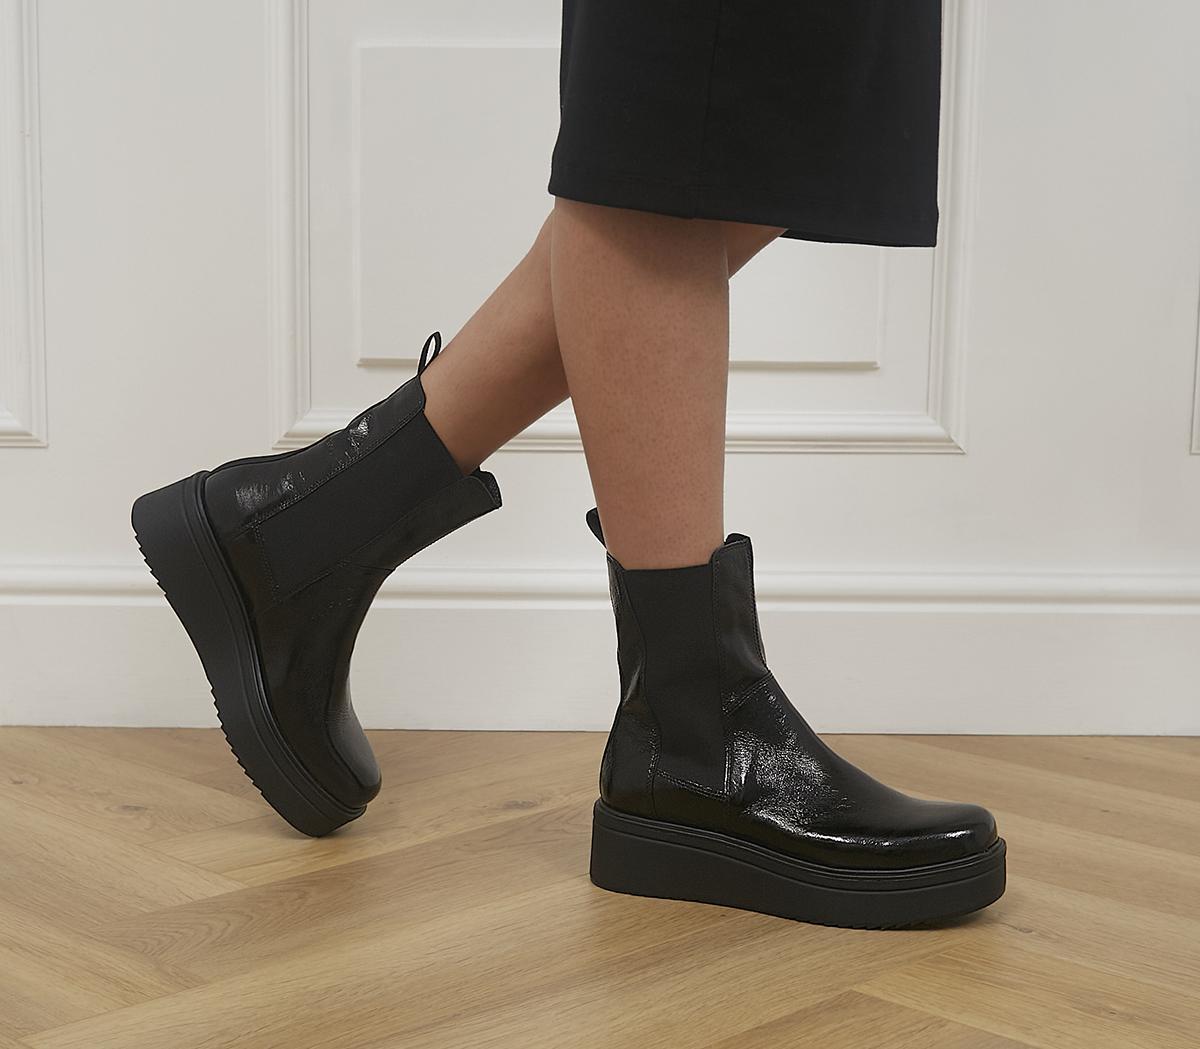 Tara High Boots